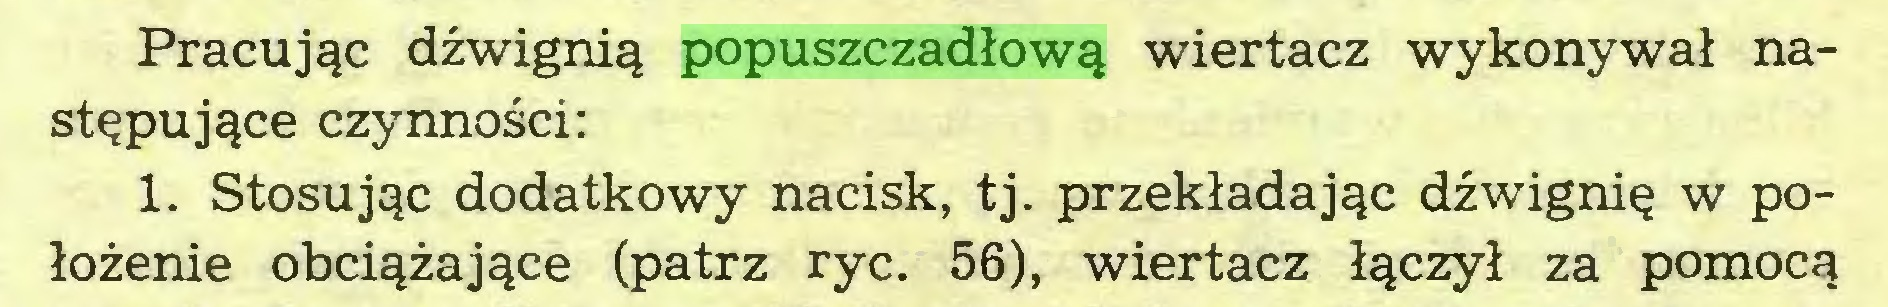 (...) Pracując dźwignią popuszczadłową wiertacz wykonywał następujące czynności: 1. Stosując dodatkowy nacisk, tj. przekładając dźwignię w położenie obciążające (patrz ryc. 56), wiertacz łączył za pomocą...